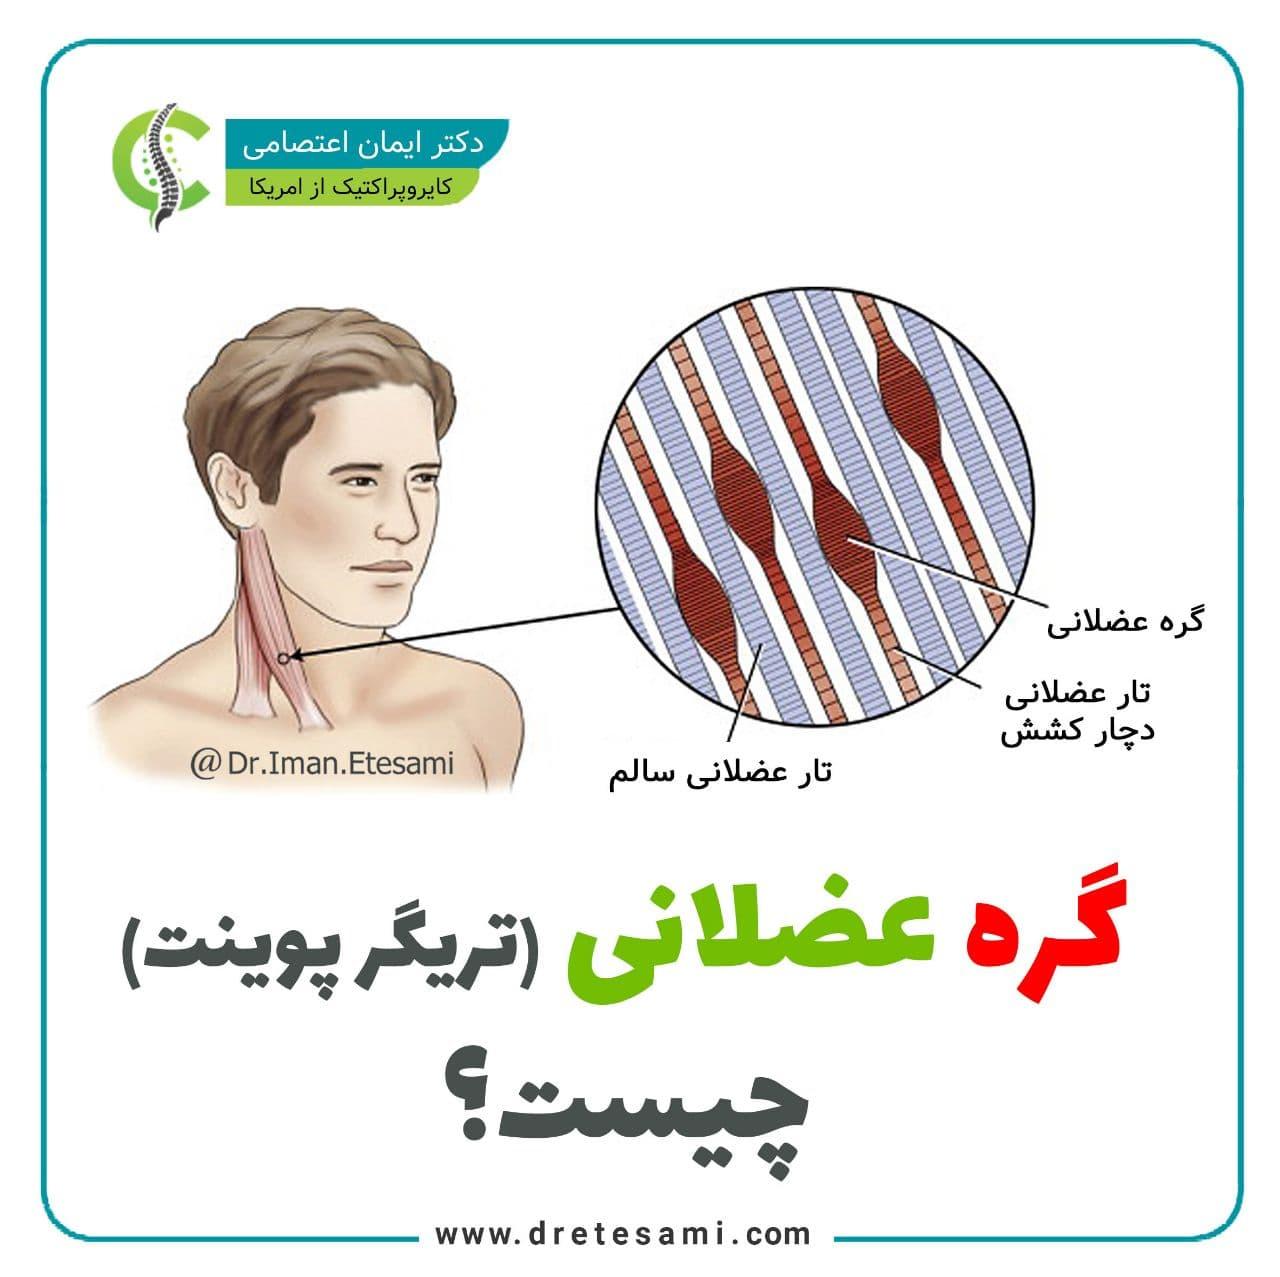 گره عضلانی (تریگر پوینت) یا نقاط ماشهای چیست؟